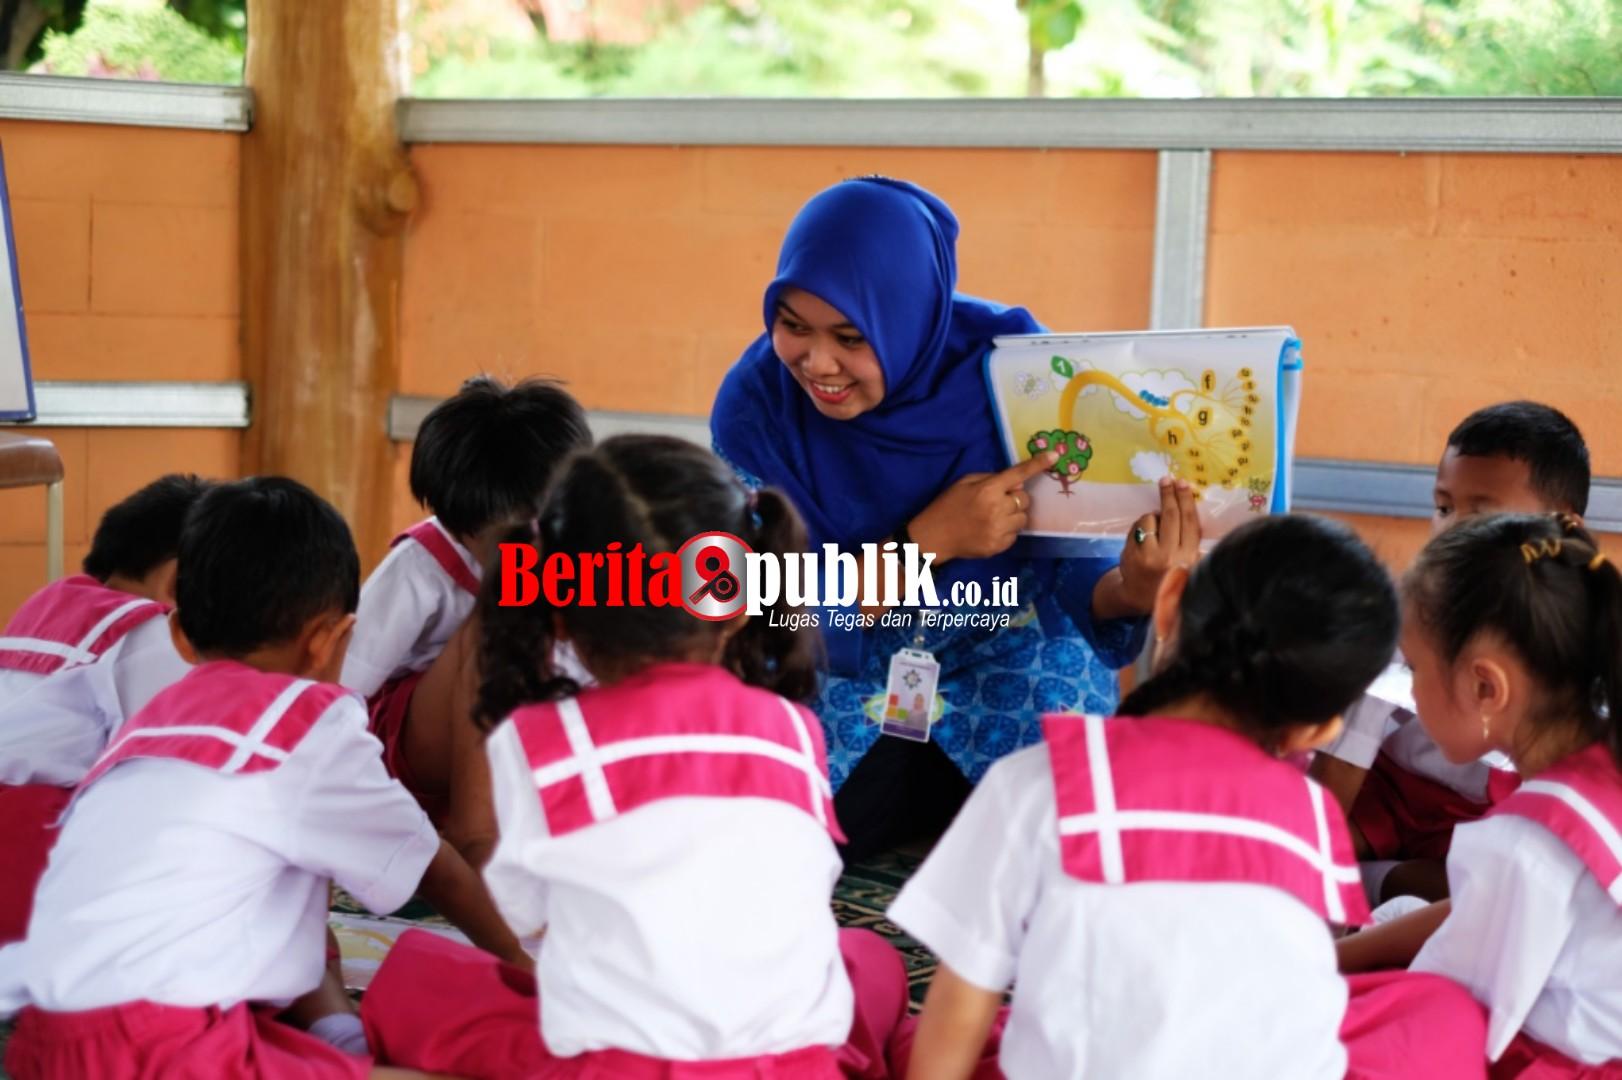 Kegiatan Belajar Mengajar Lembaga Nasional Satu atau Nassa School Bekasi